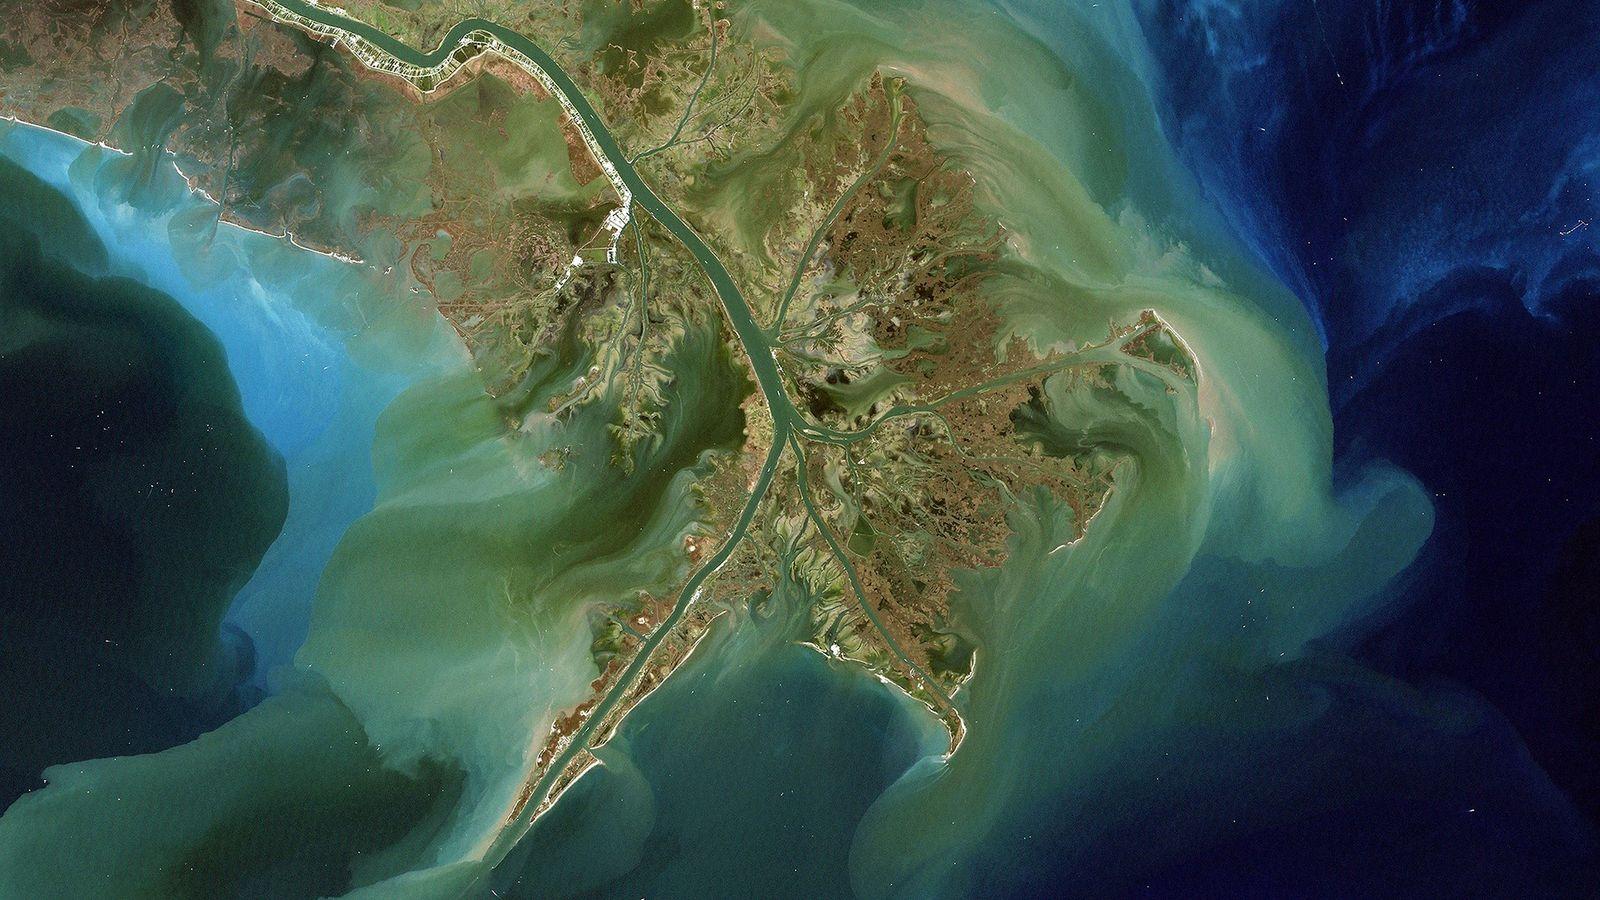 Vu du dessus, on distingue clairement l'impact des sédiments charriés par le fleuve Mississippi jusqu'au Golfe ...